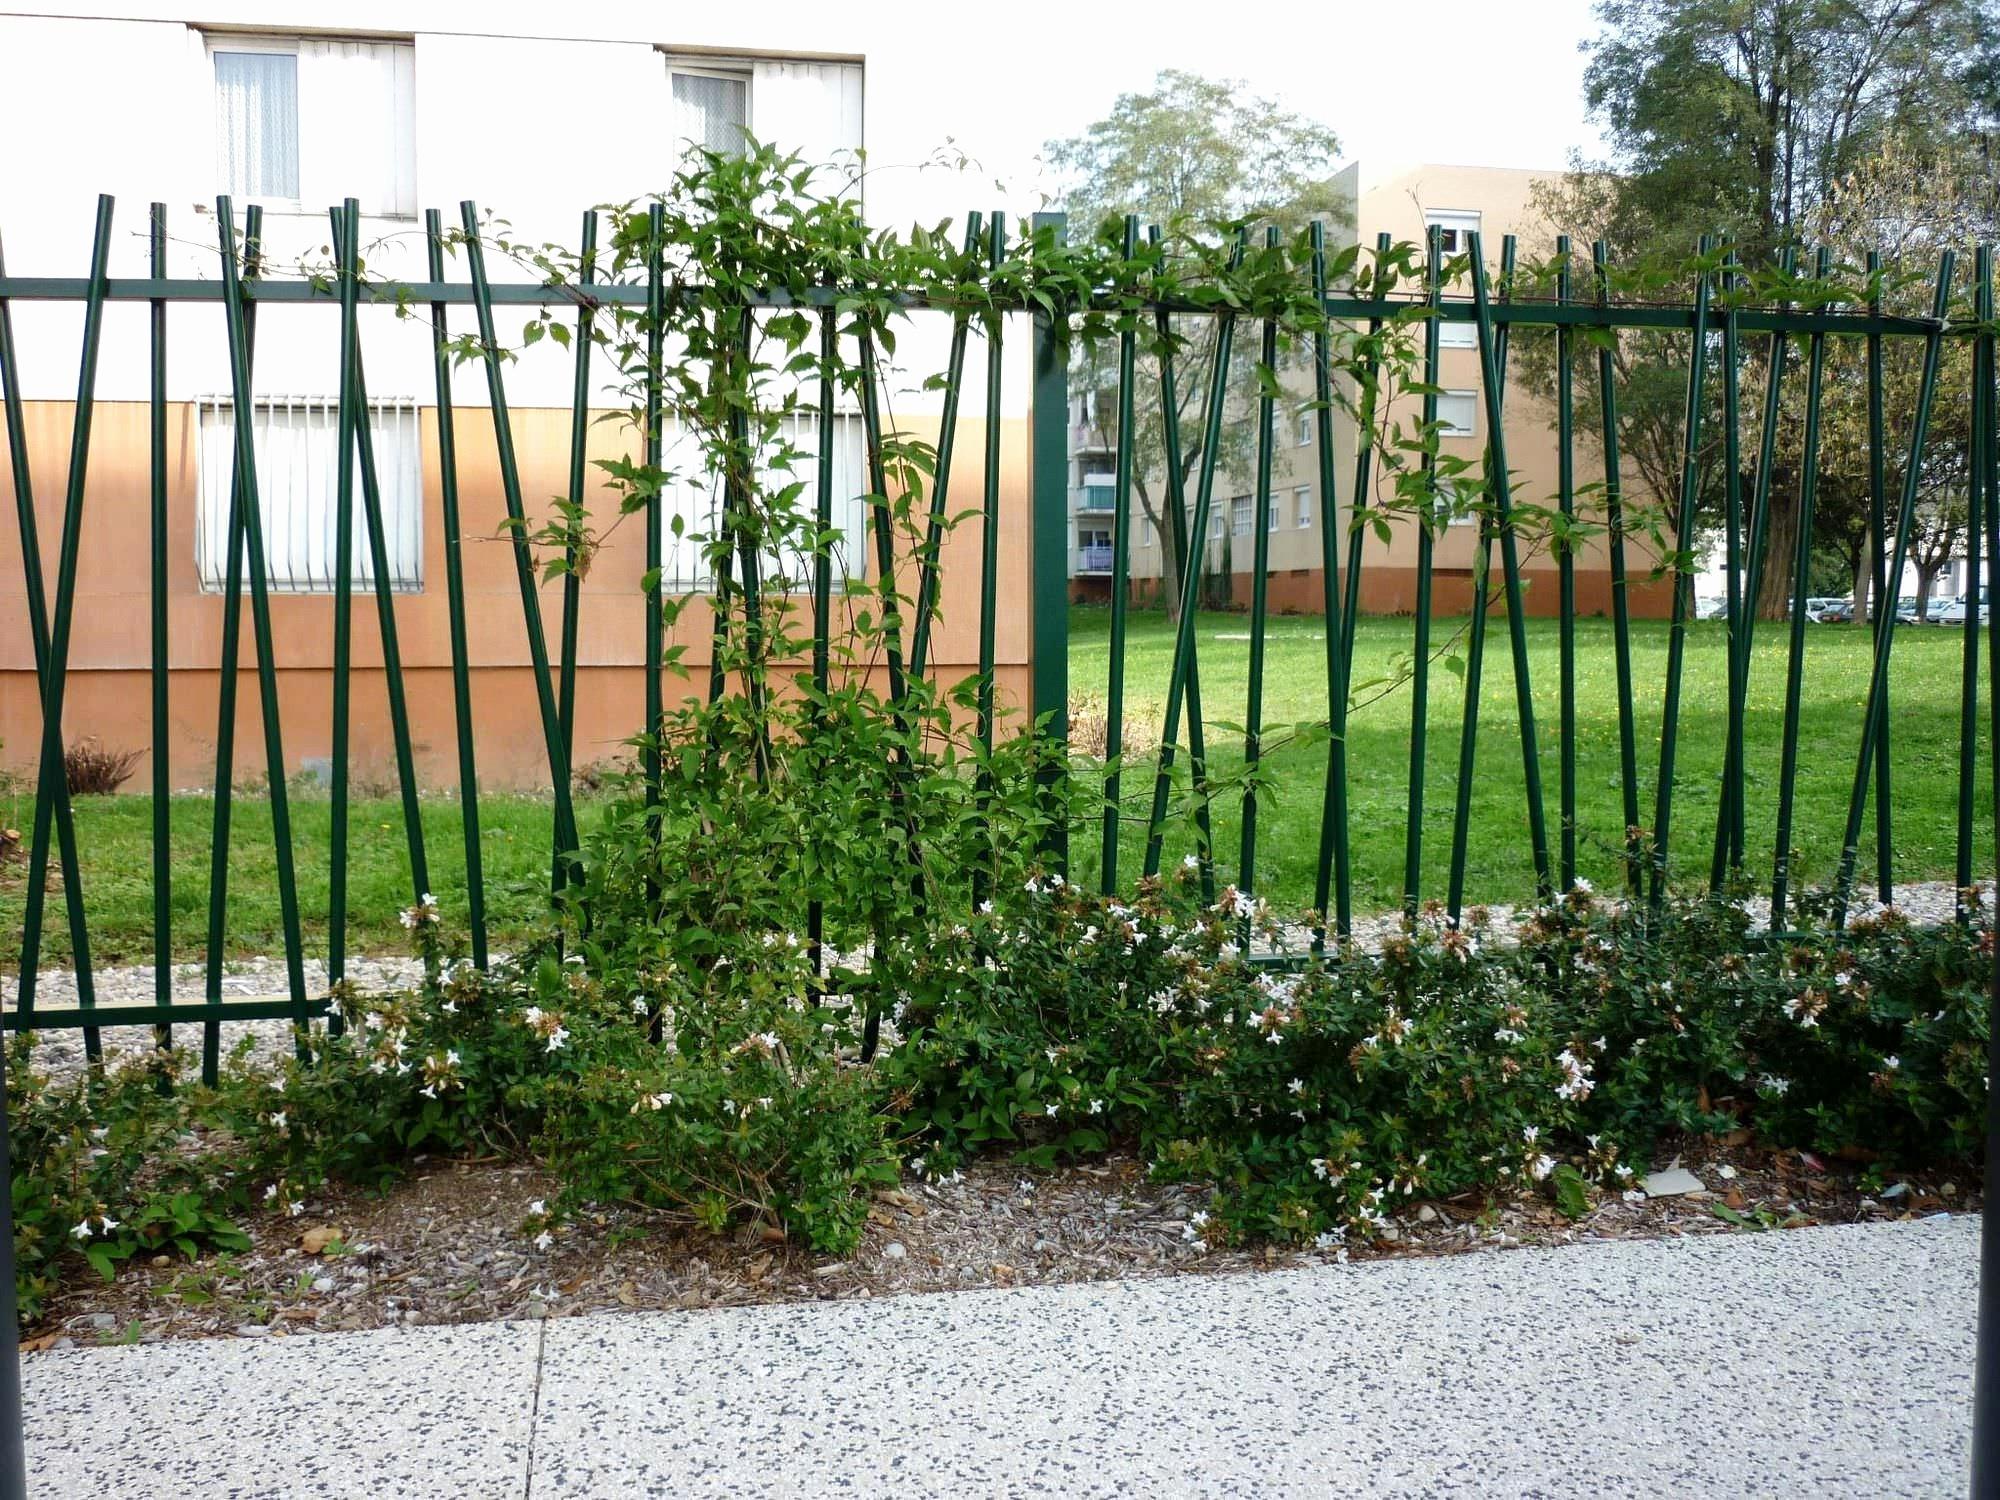 Carrefour Chaises De Jardin Frais Stock Abri De Jardin En Bois Carrefour Plus Fantaisie Cabane De Jardin